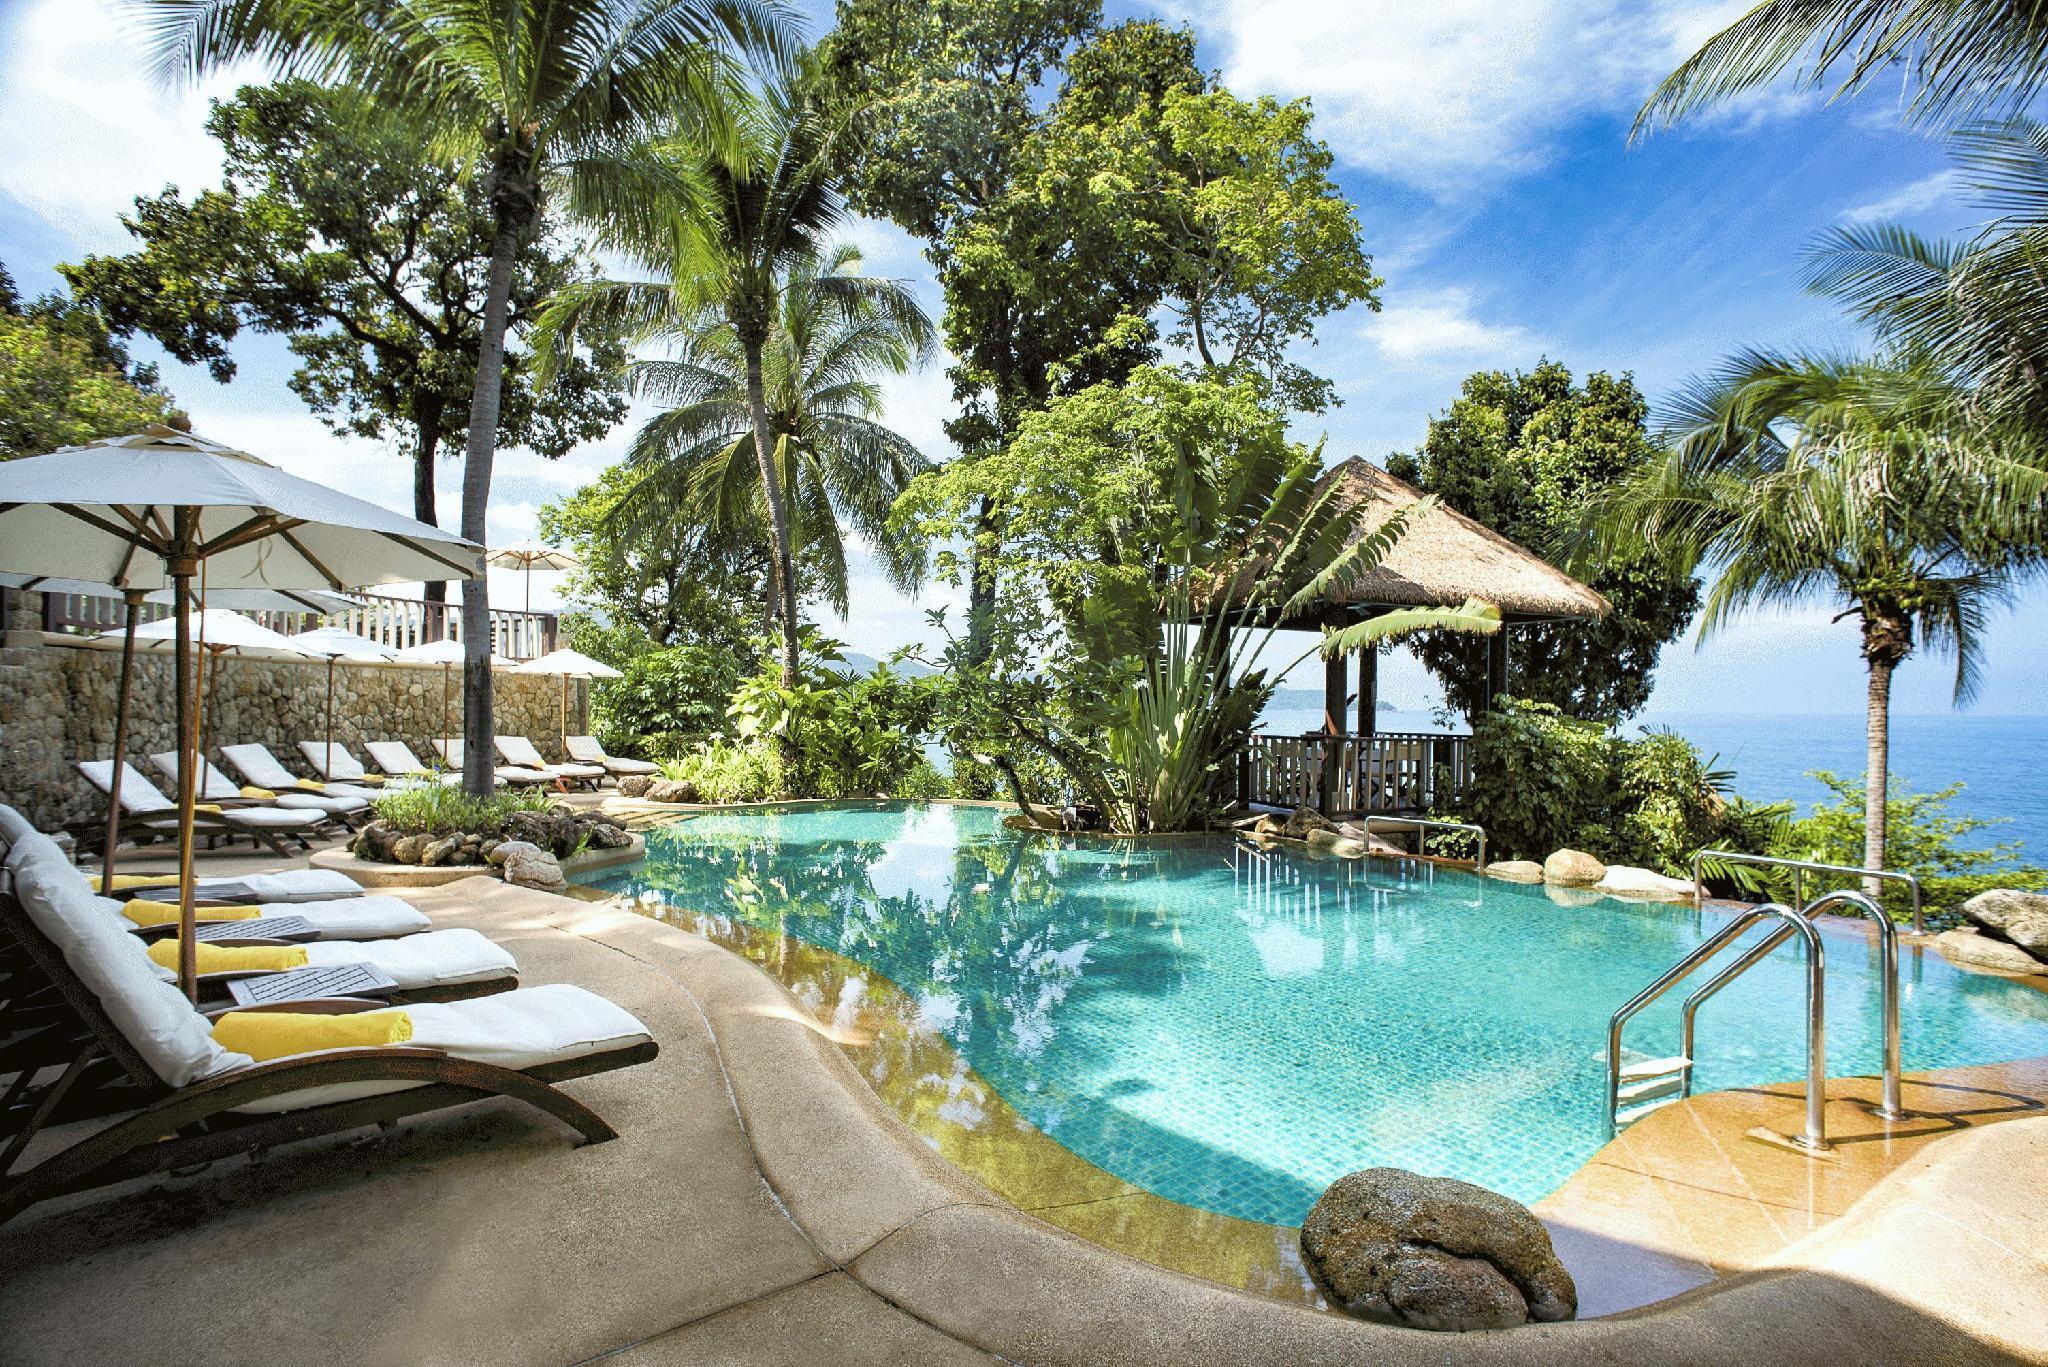 1 bed sea view spa villa in Karon วิลลา 1 ห้องนอน 1 ห้องน้ำส่วนตัว ขนาด 60 ตร.ม. – กะรน